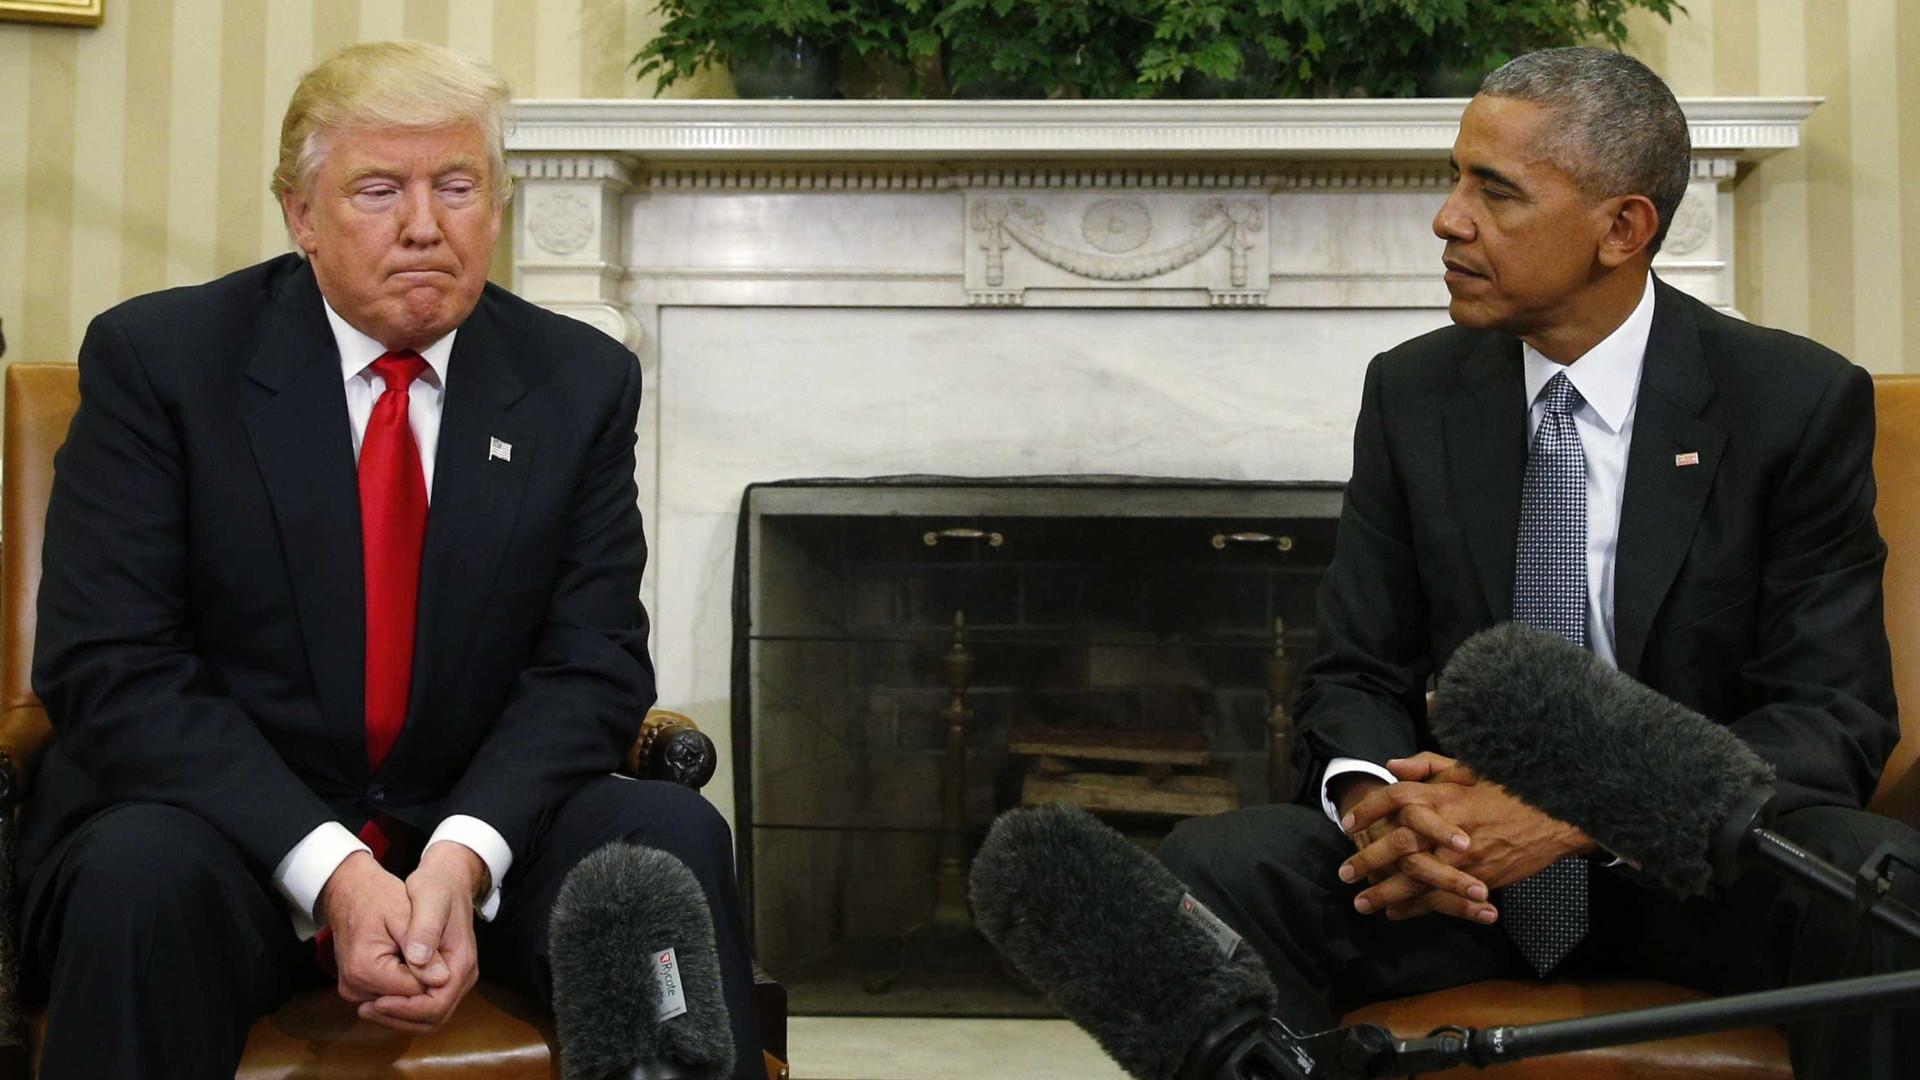 Obama intercede a favor de Trump: 'Deem-lhe tempo'